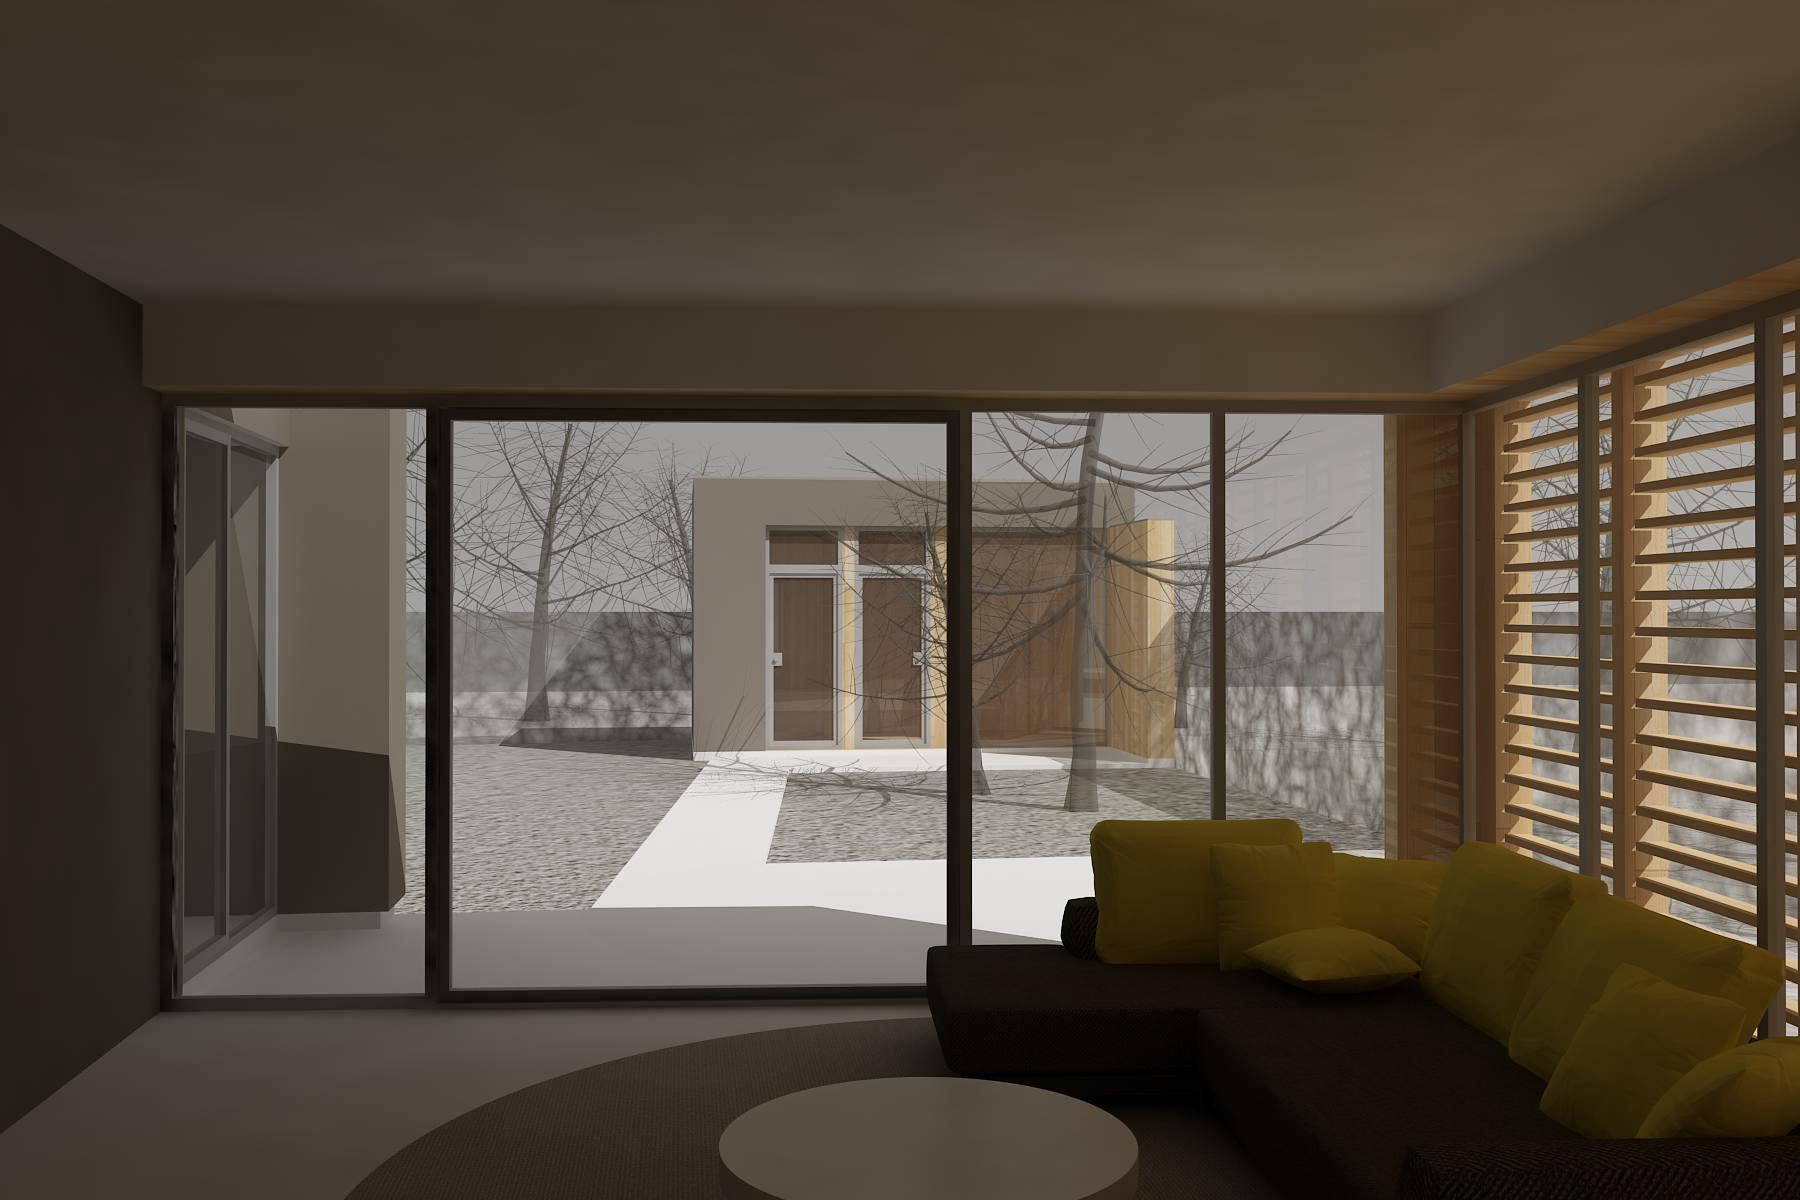 Štúdia stavby rodinného domu VI 05